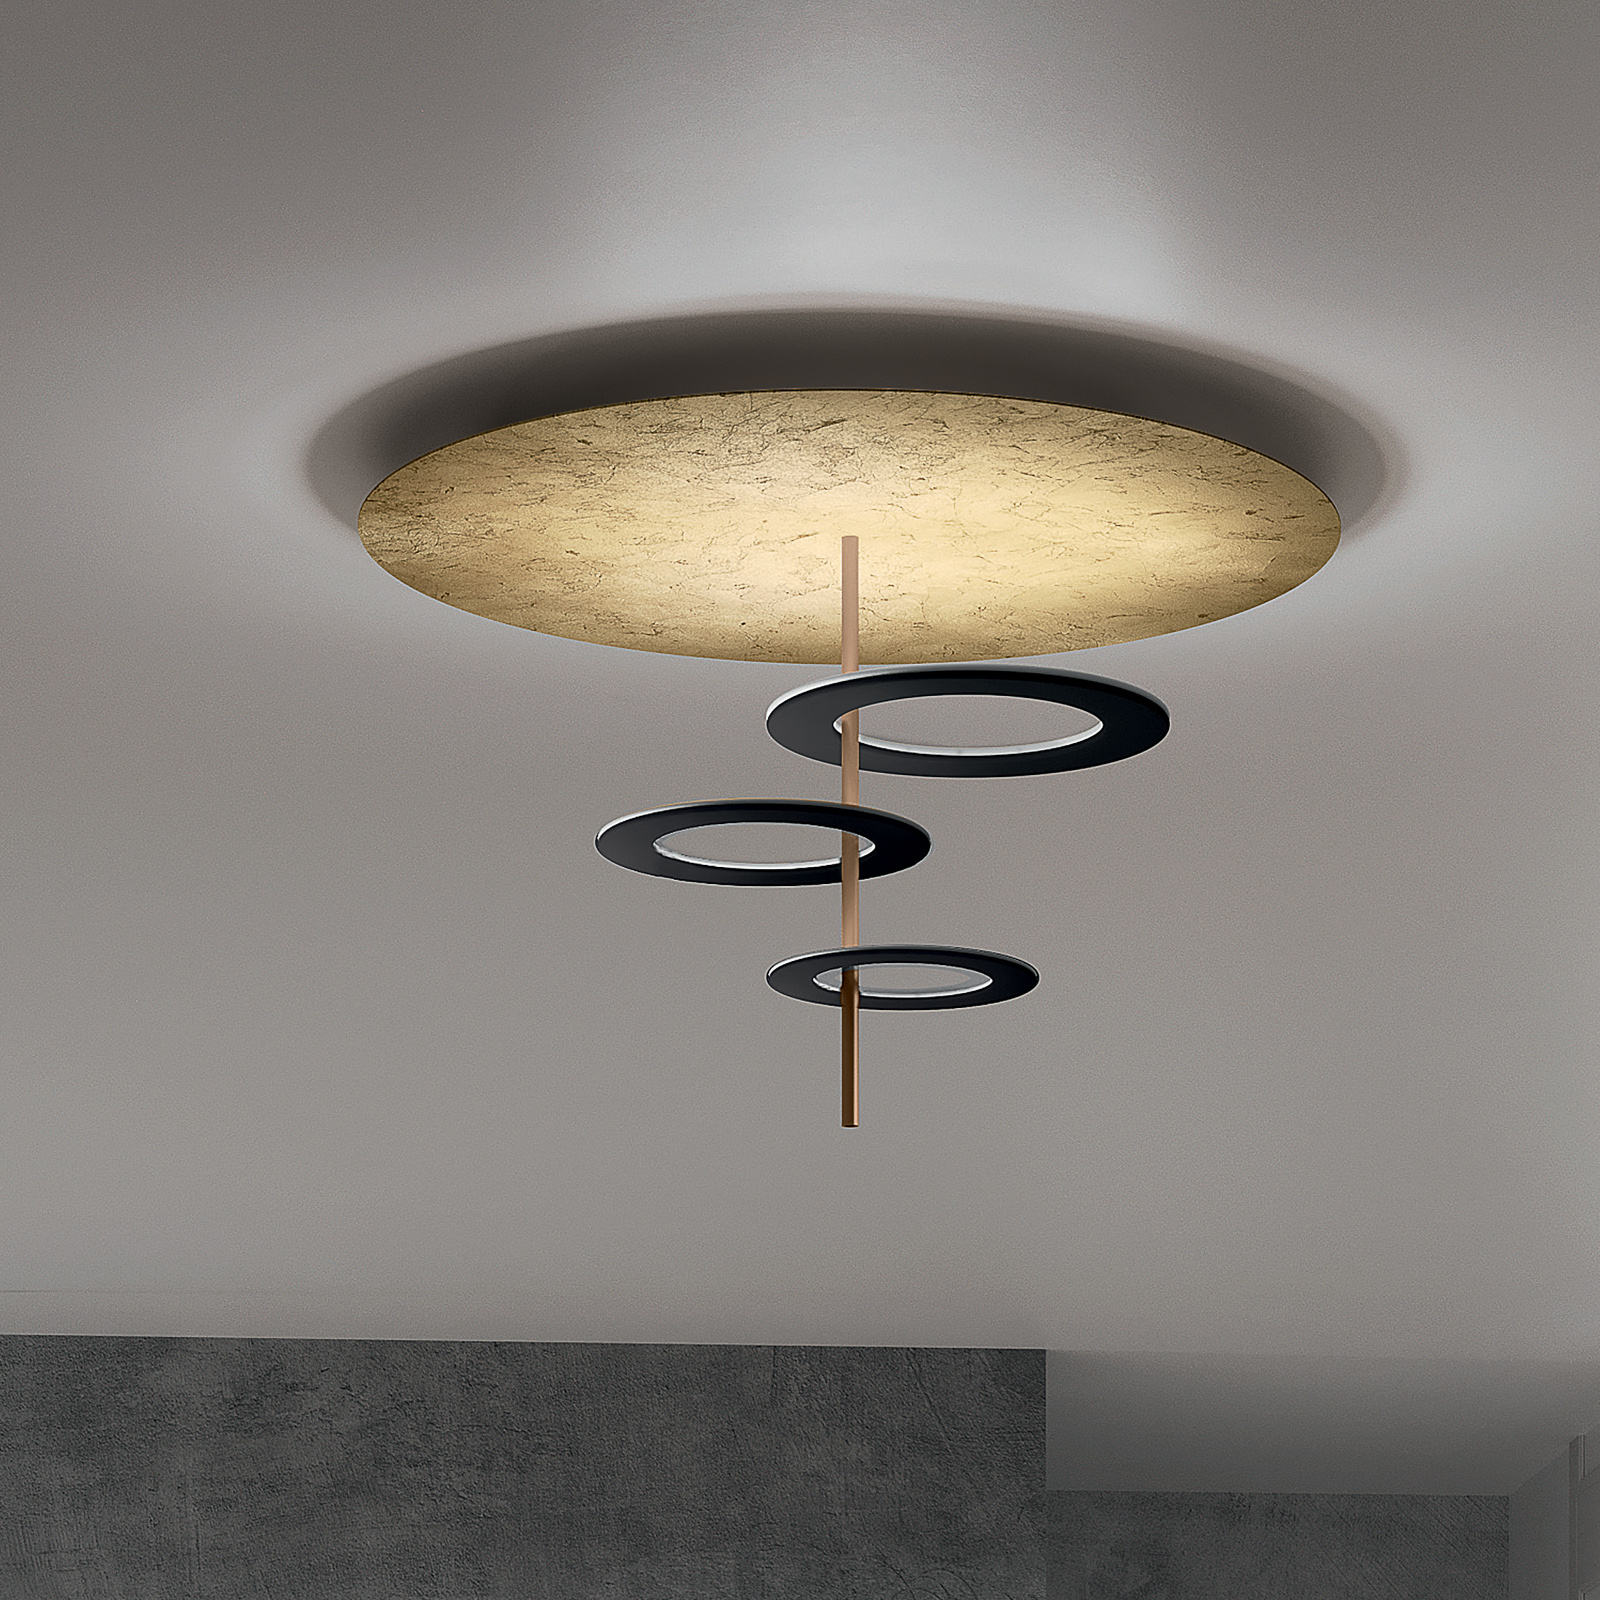 ICONE-LED-kattovalaisin Hula Hoop P3 - 3 levyllä